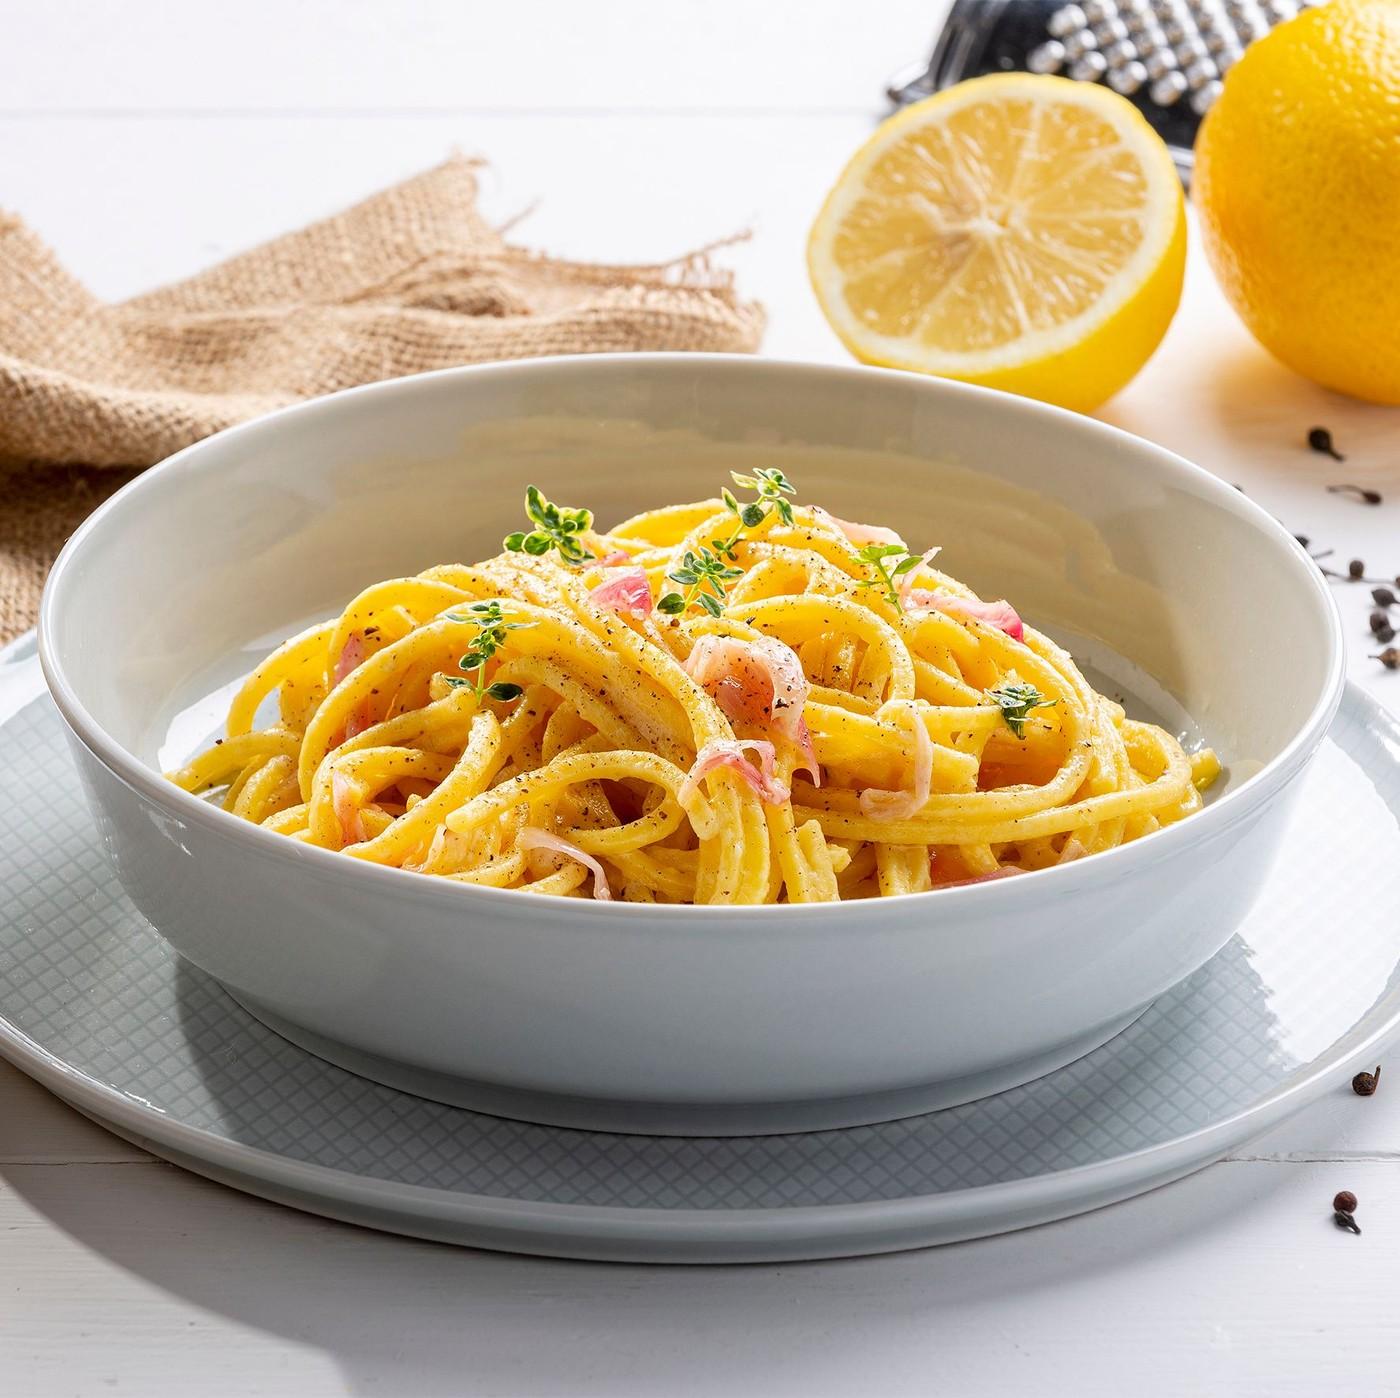 receta de Spaghetti alla chitarra al huevo